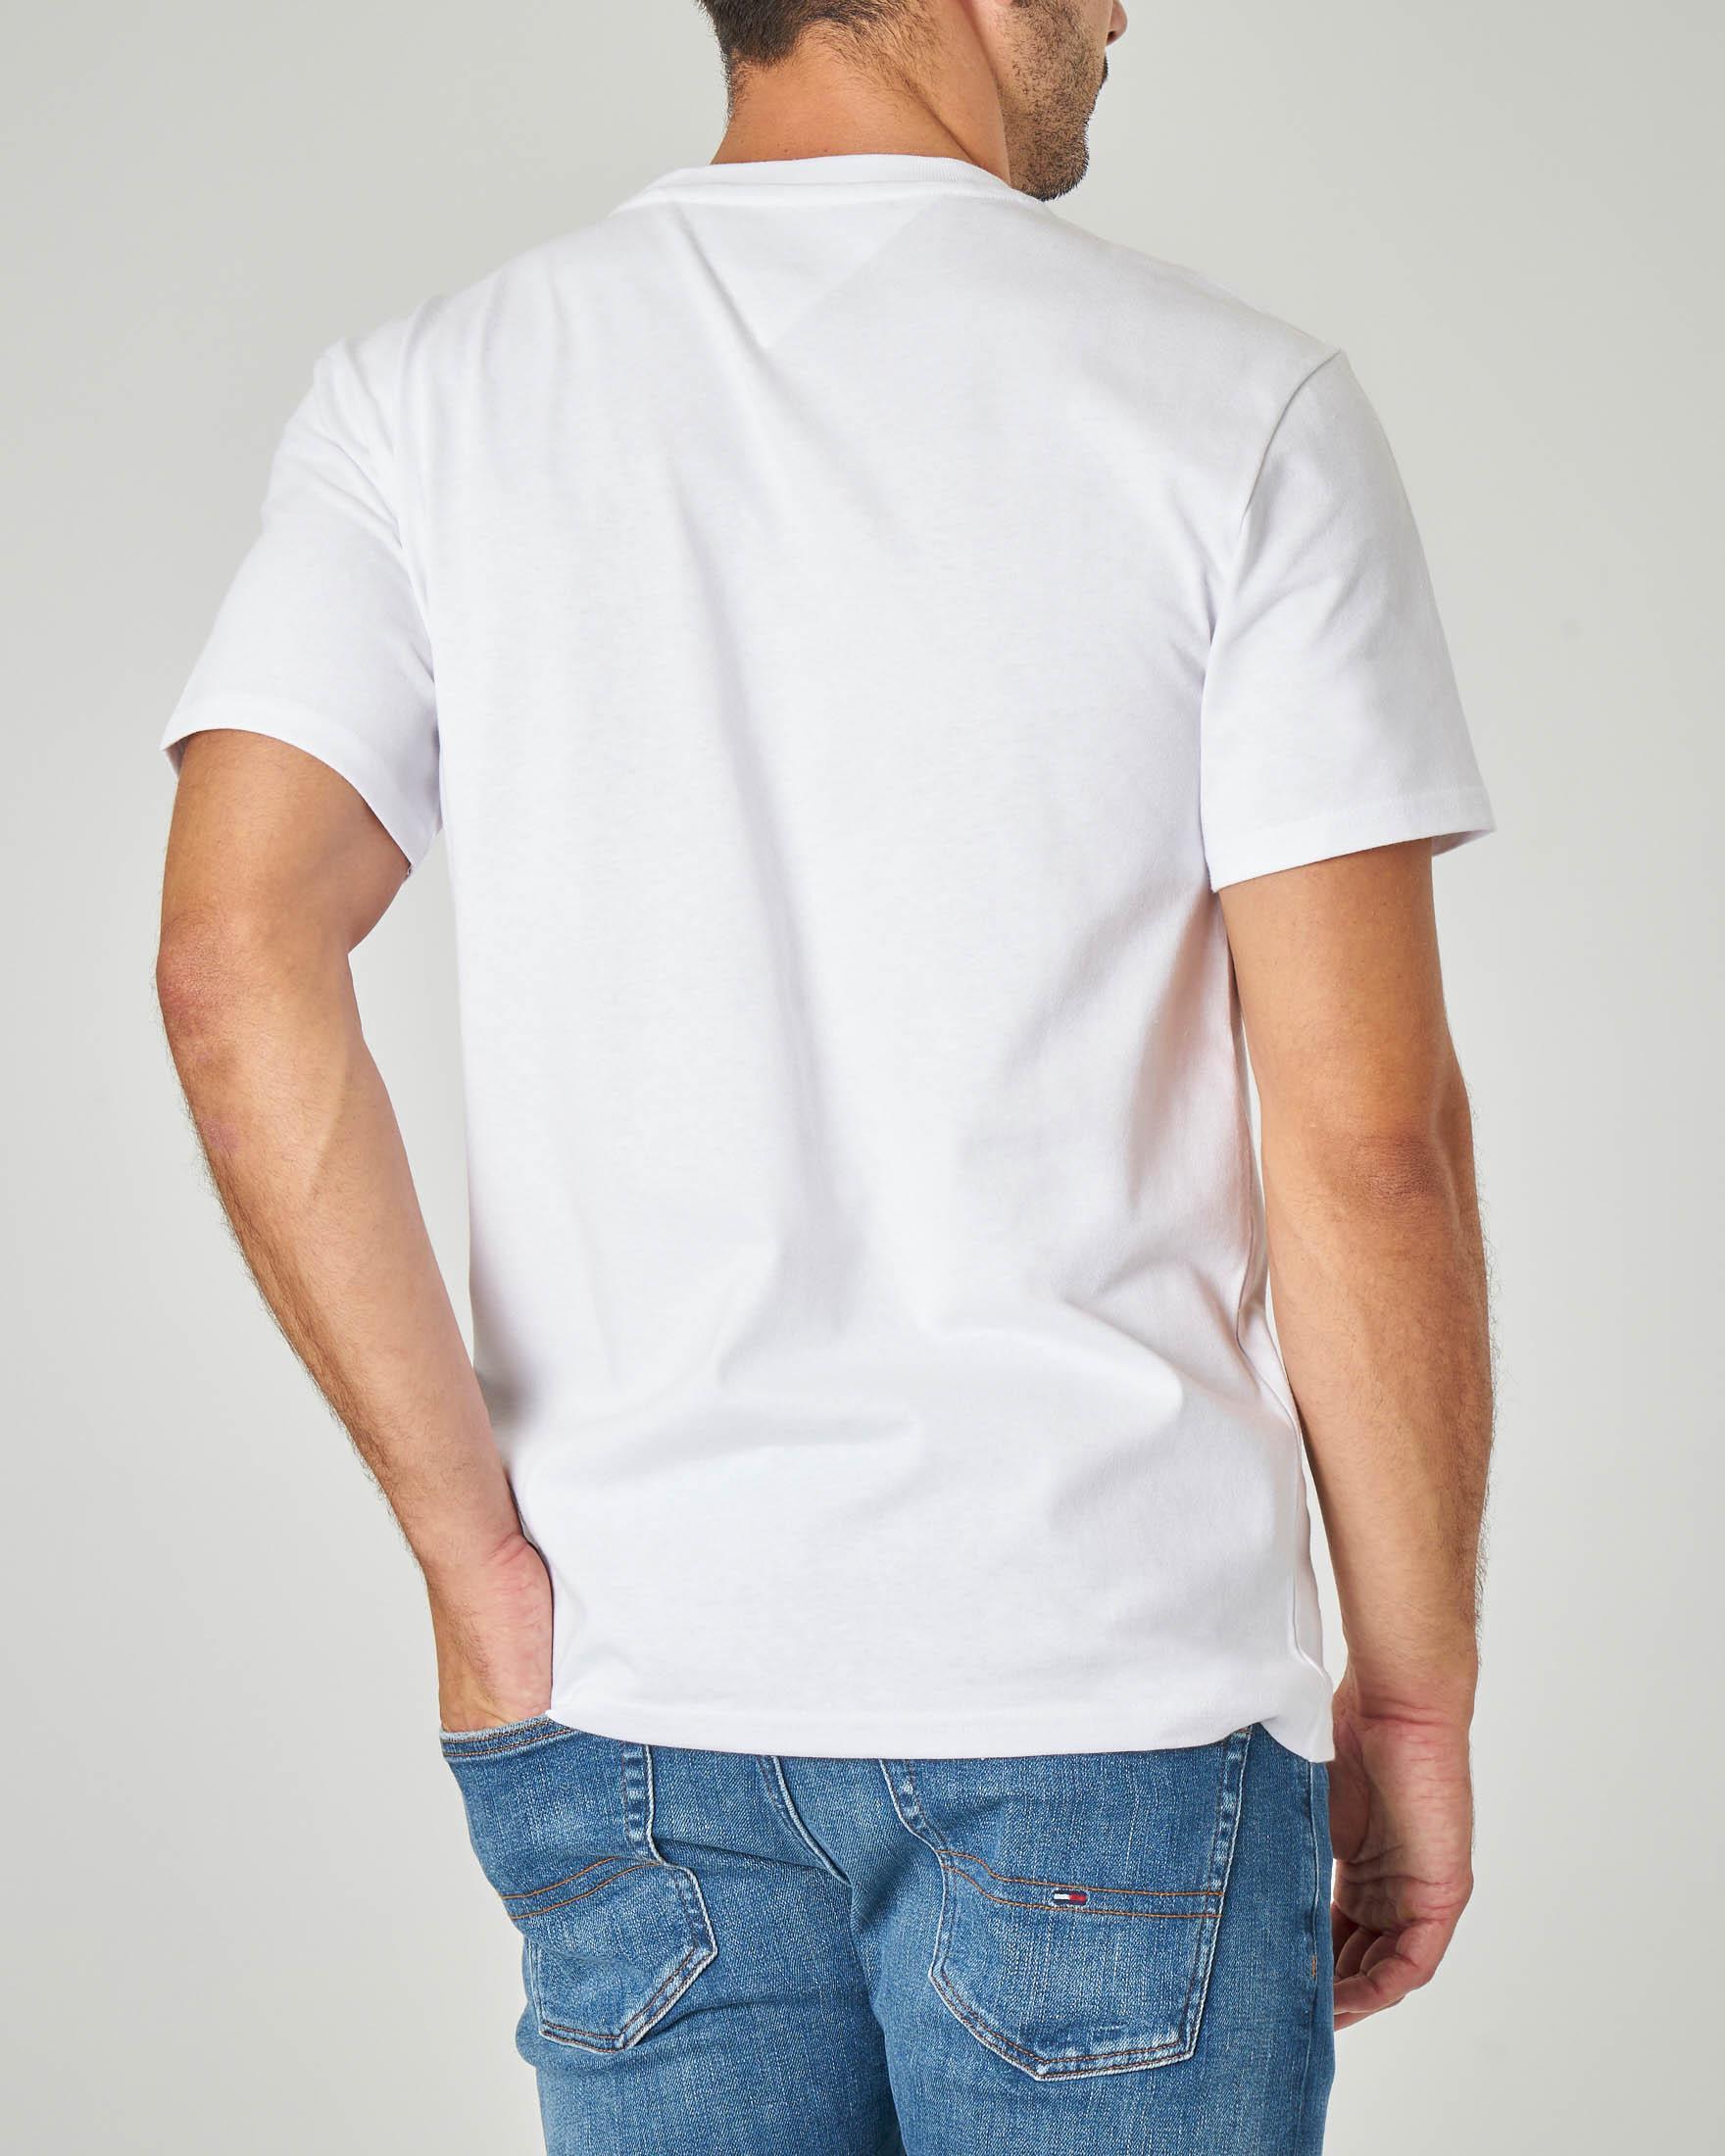 T-shirt bianca mezza manica con logo stampato